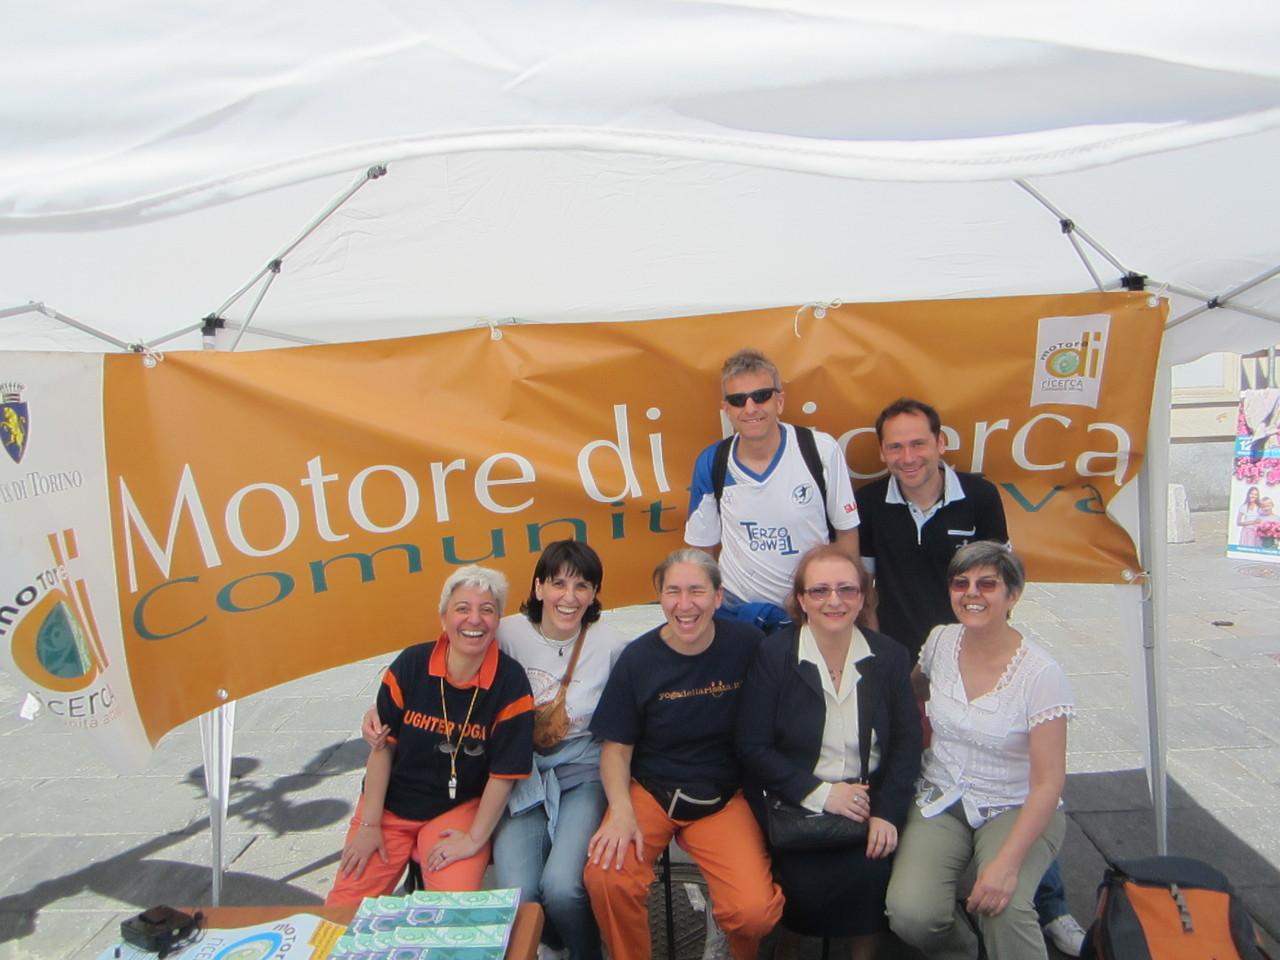 MOTORE DI RICERCA ... nella  la città di Torino....   ha ha ha   Loredana Zagami con yoga della risata Torino il metodo del Dott.  Madan Kataria